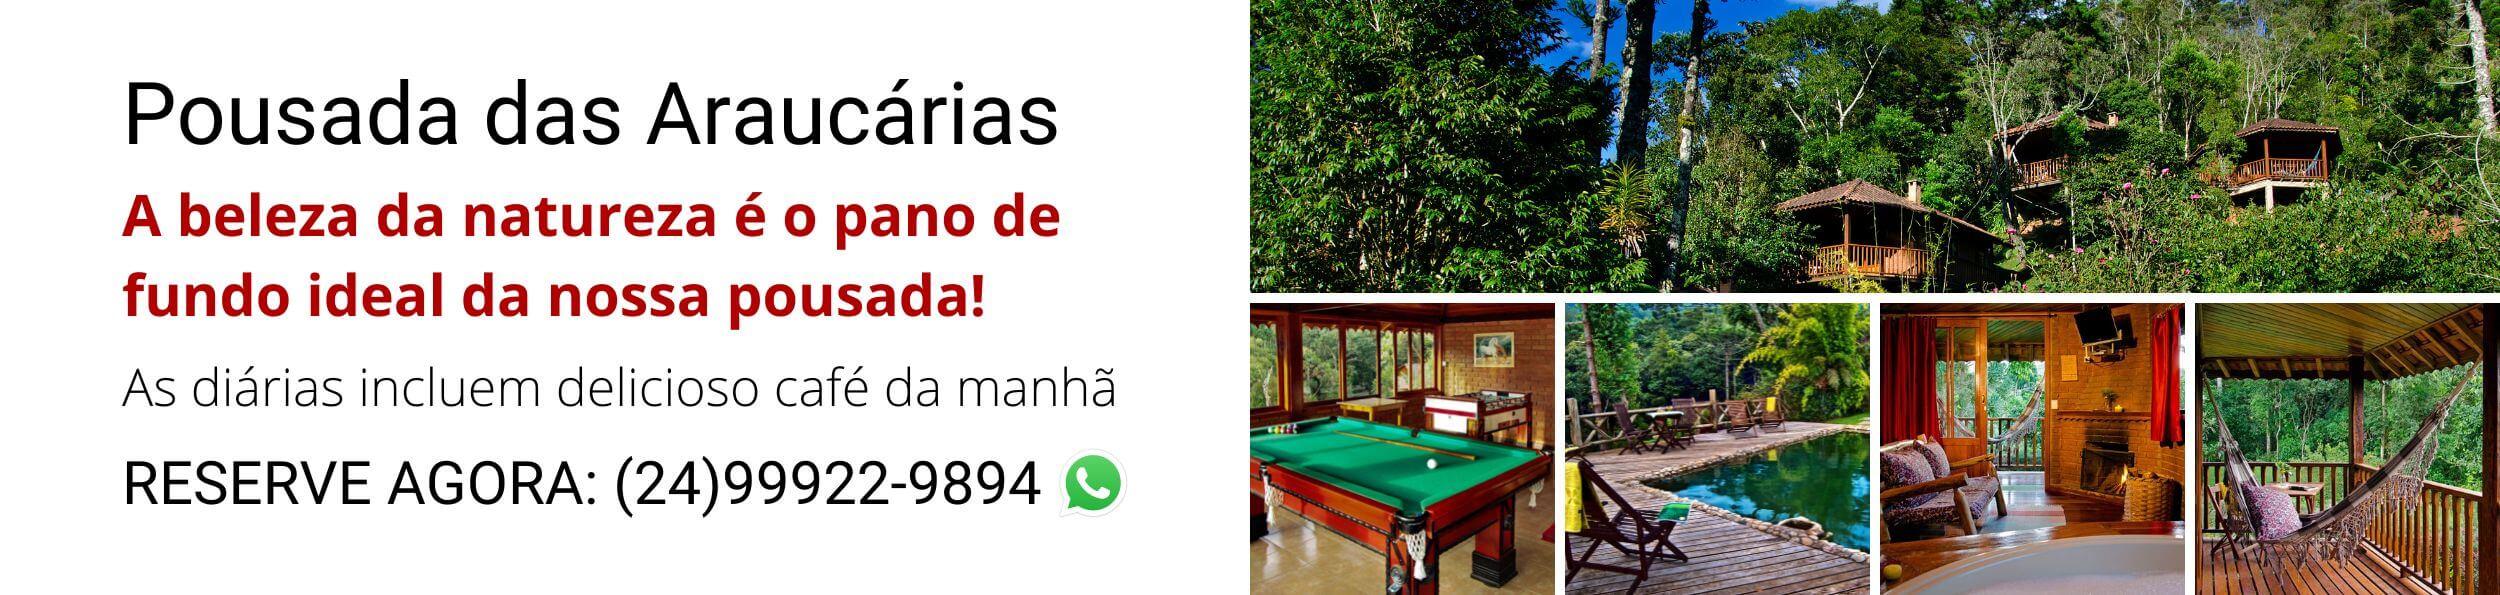 Portal Visconde de Mauá - Férias na Serra